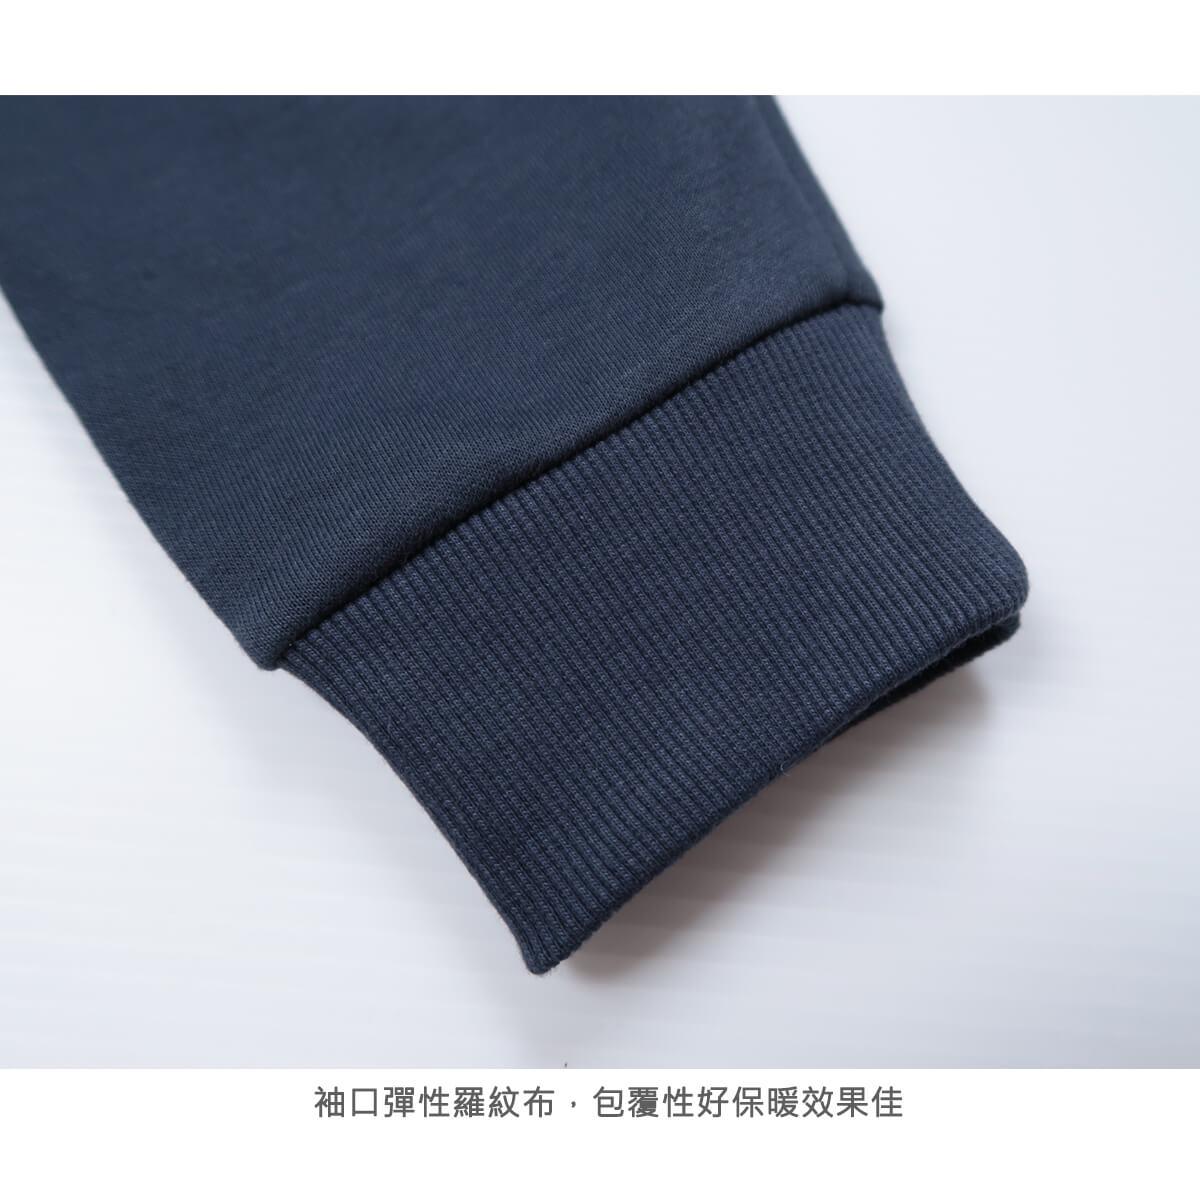 加大尺碼台灣製長袖T恤 哥德體英文字彈性圓領T恤 T-shirt 長袖上衣 休閒長TEE 藍色T恤 黑色T恤 MADE IN TAIWAN NAVY BLUE BIG_AND_TALL (310-0860-08)海軍藍、(310-0860-21)黑色 4L 6L(胸圍52~57英吋) [實體店面保障] sun-e 9